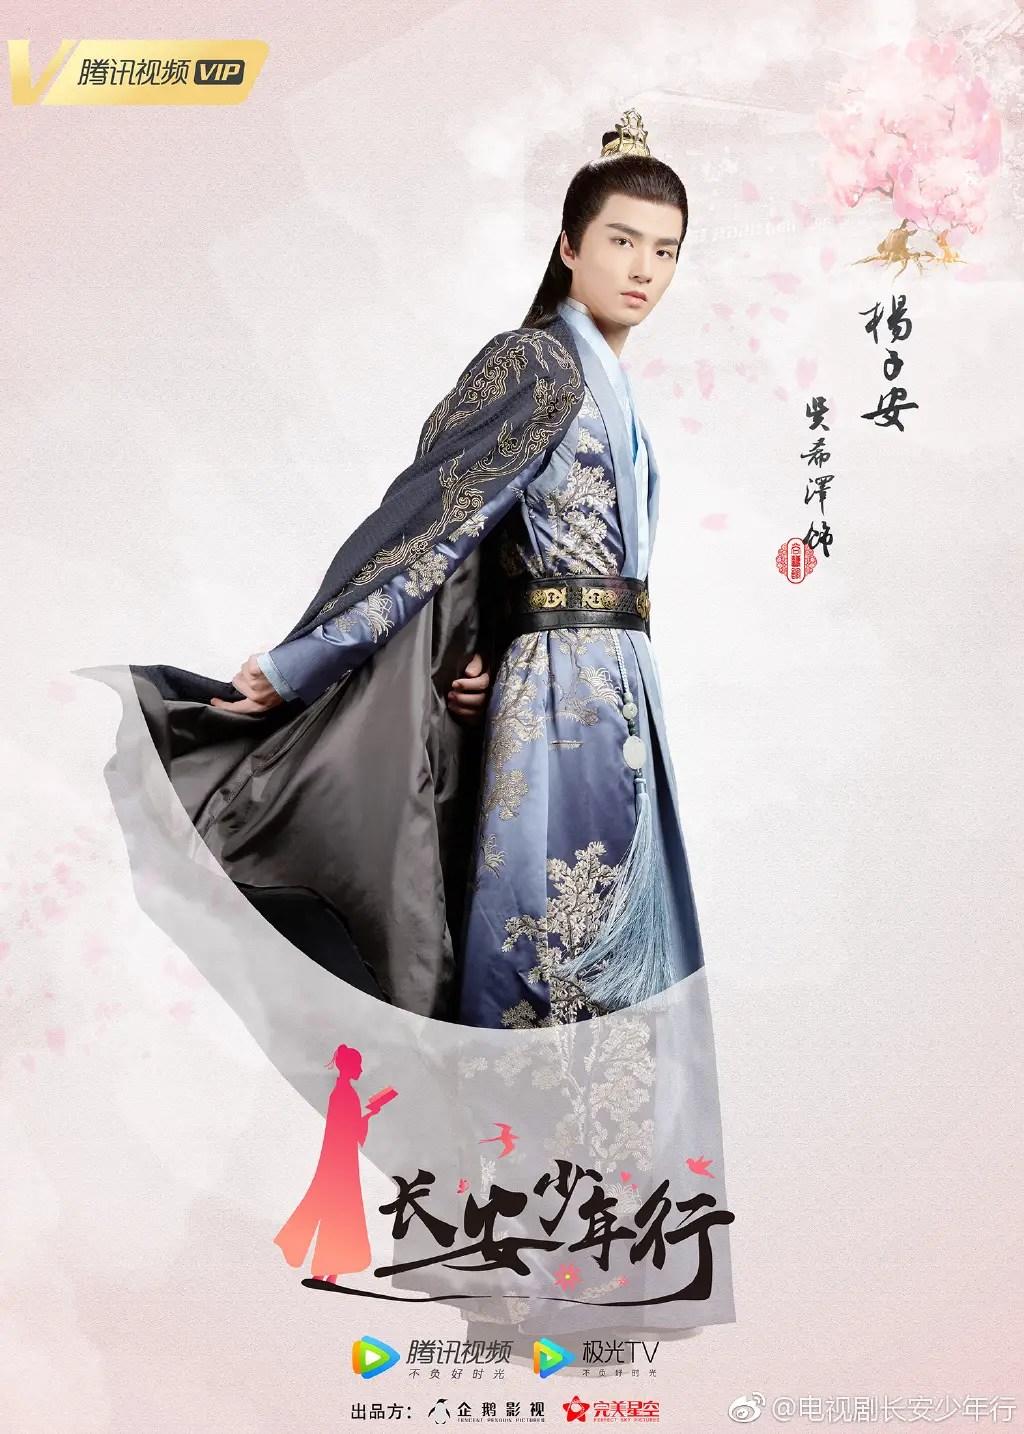 Wu Xi Ze